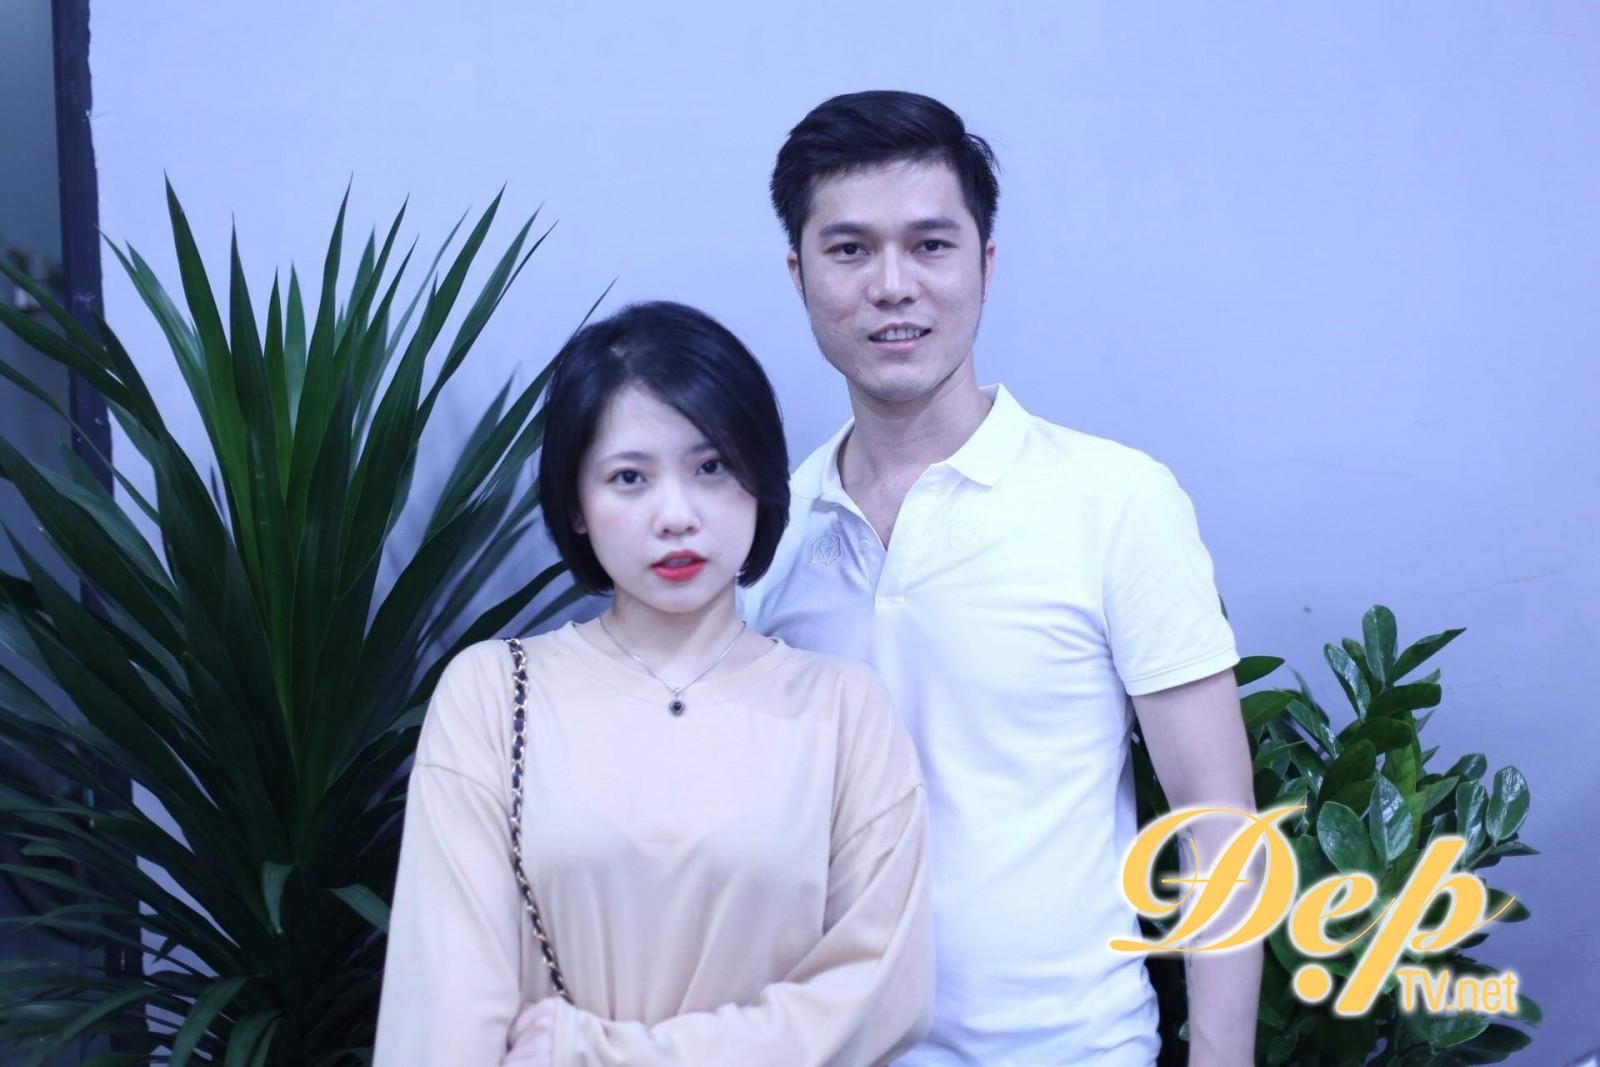 Nhà tạo mẫu tóc Nguyễn Đình Dữ đảm nhận xuất sắc vai trò Hội đồng nghệ thuật tại Nghệ sĩ tóc đương đại 2019